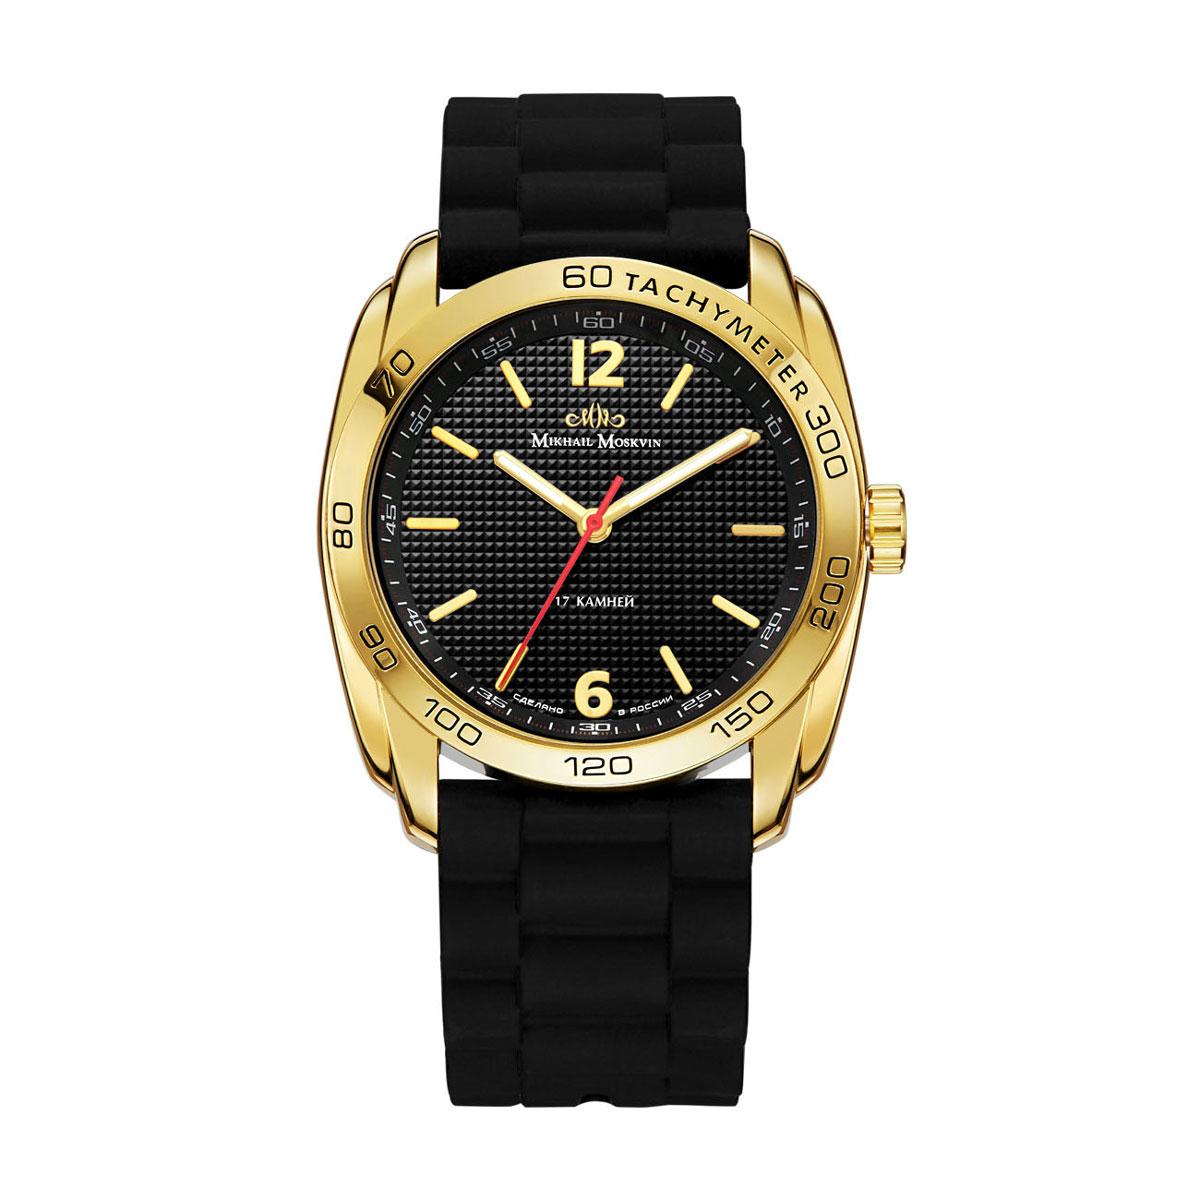 Часы наручные мужские Mikhail Moskvin, цвет: черный, золотистый. 1116A2L31116A2L3Наручные кварцевые часы Mikhail Moskvin выполнены из высококачественных материалов. Корпус выполнен из высококачественного металла и оформлен гравированными надписями. Браслет оснащен удобной застежкой, которая надежно зафиксирует изделие на запястье. Часы оснащены минеральным, устойчивым к царапинам, стеклом с сапфировым напылением и задней крышкой из гипоаллергенной нержавеющей стали.